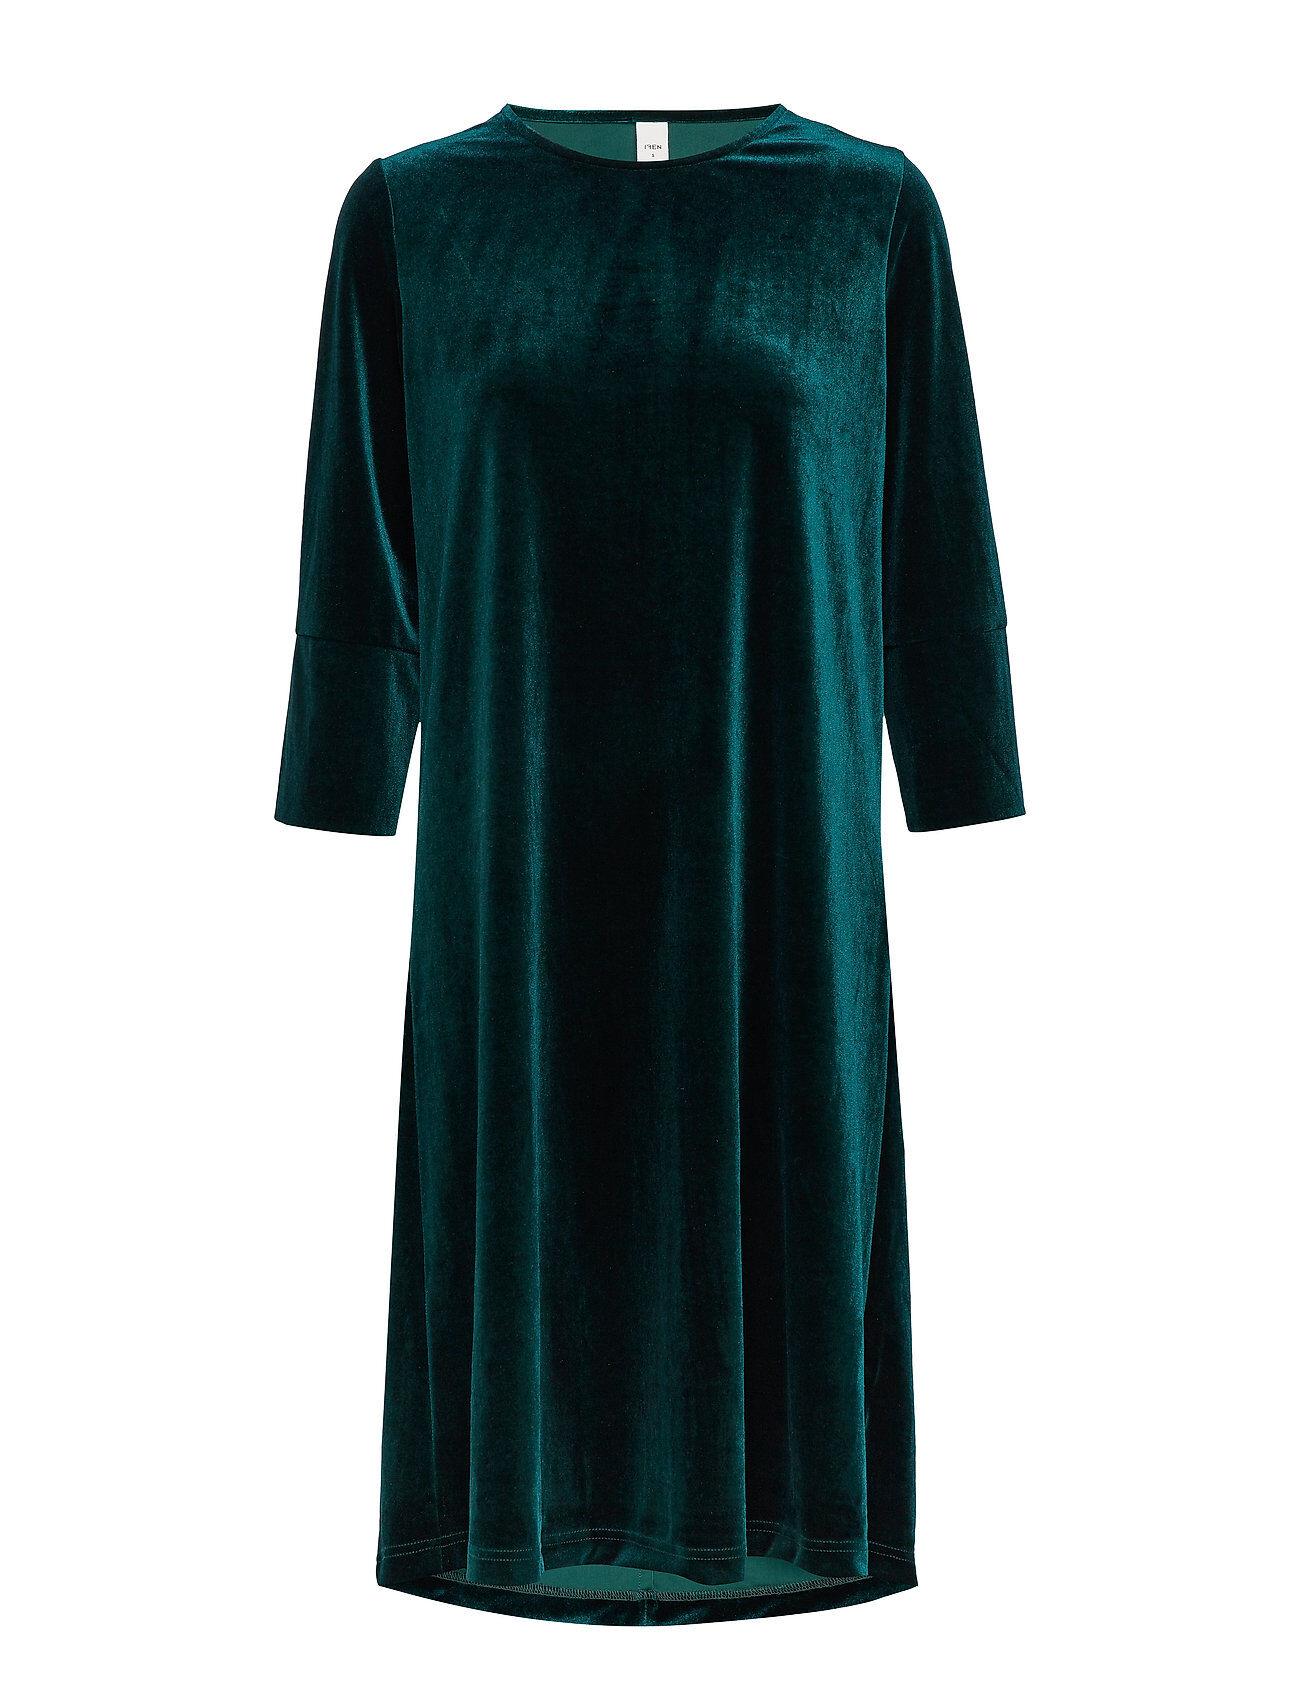 IBEN Kobi Dress St Polvipituinen Mekko Vihreä